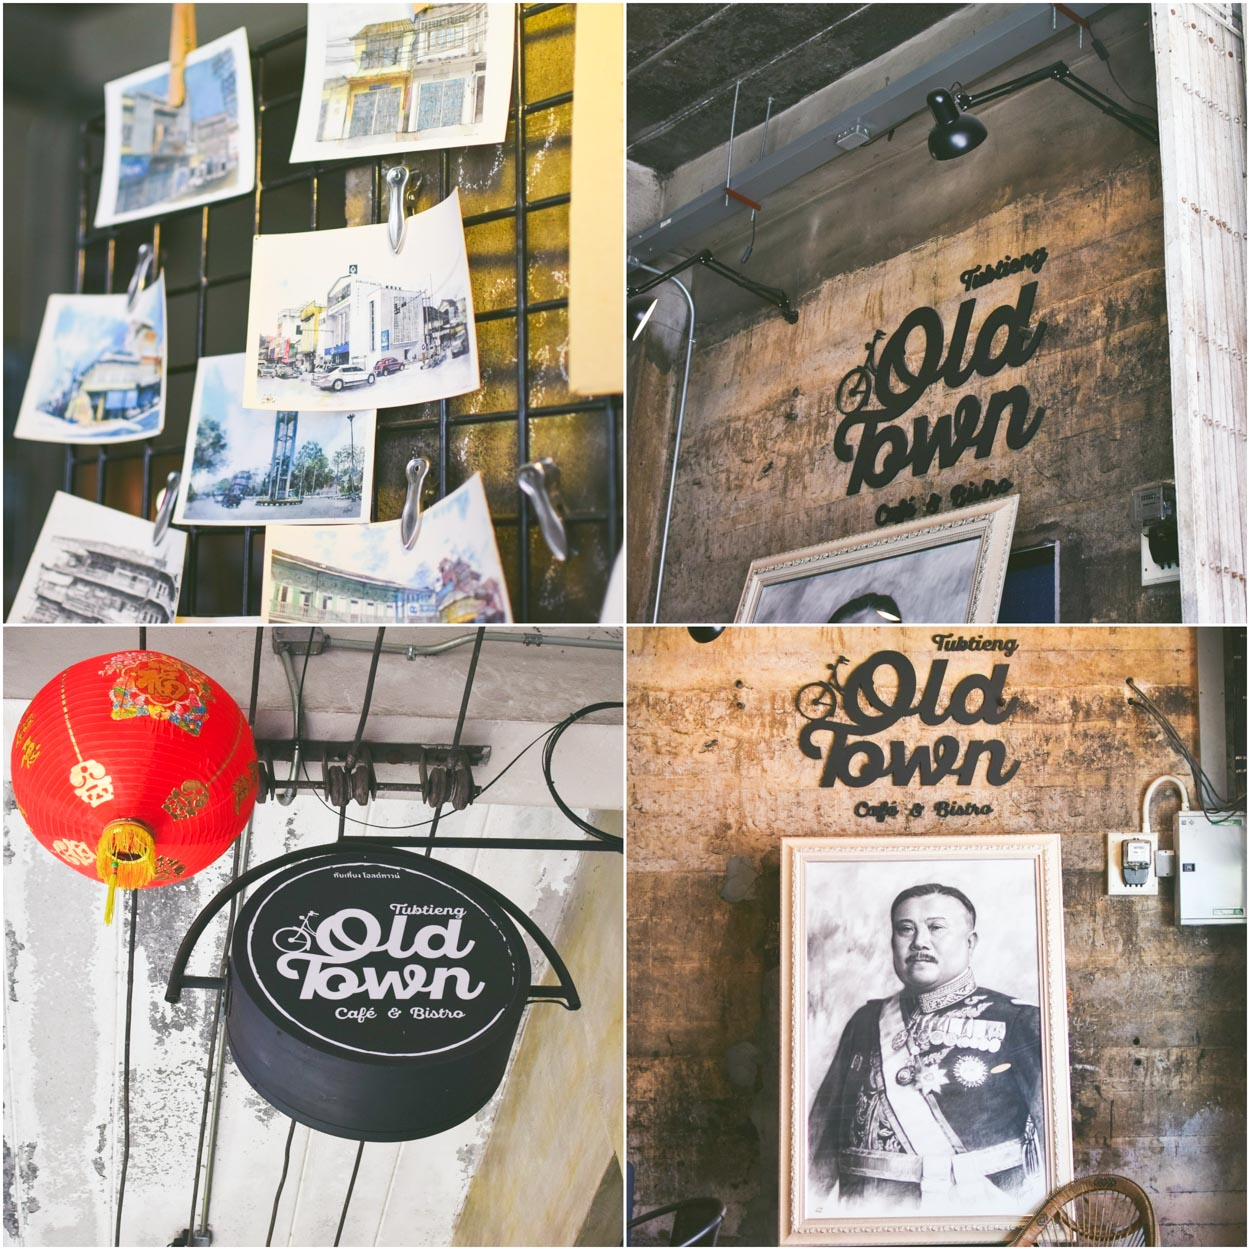 ร้านสไตล์เท่ๆ เก๋ๆไม่เหมือนใคร ร้าน Tubtieng Old Town ไปเช็นอินกันได้รัวๆเลยจ้าาาา